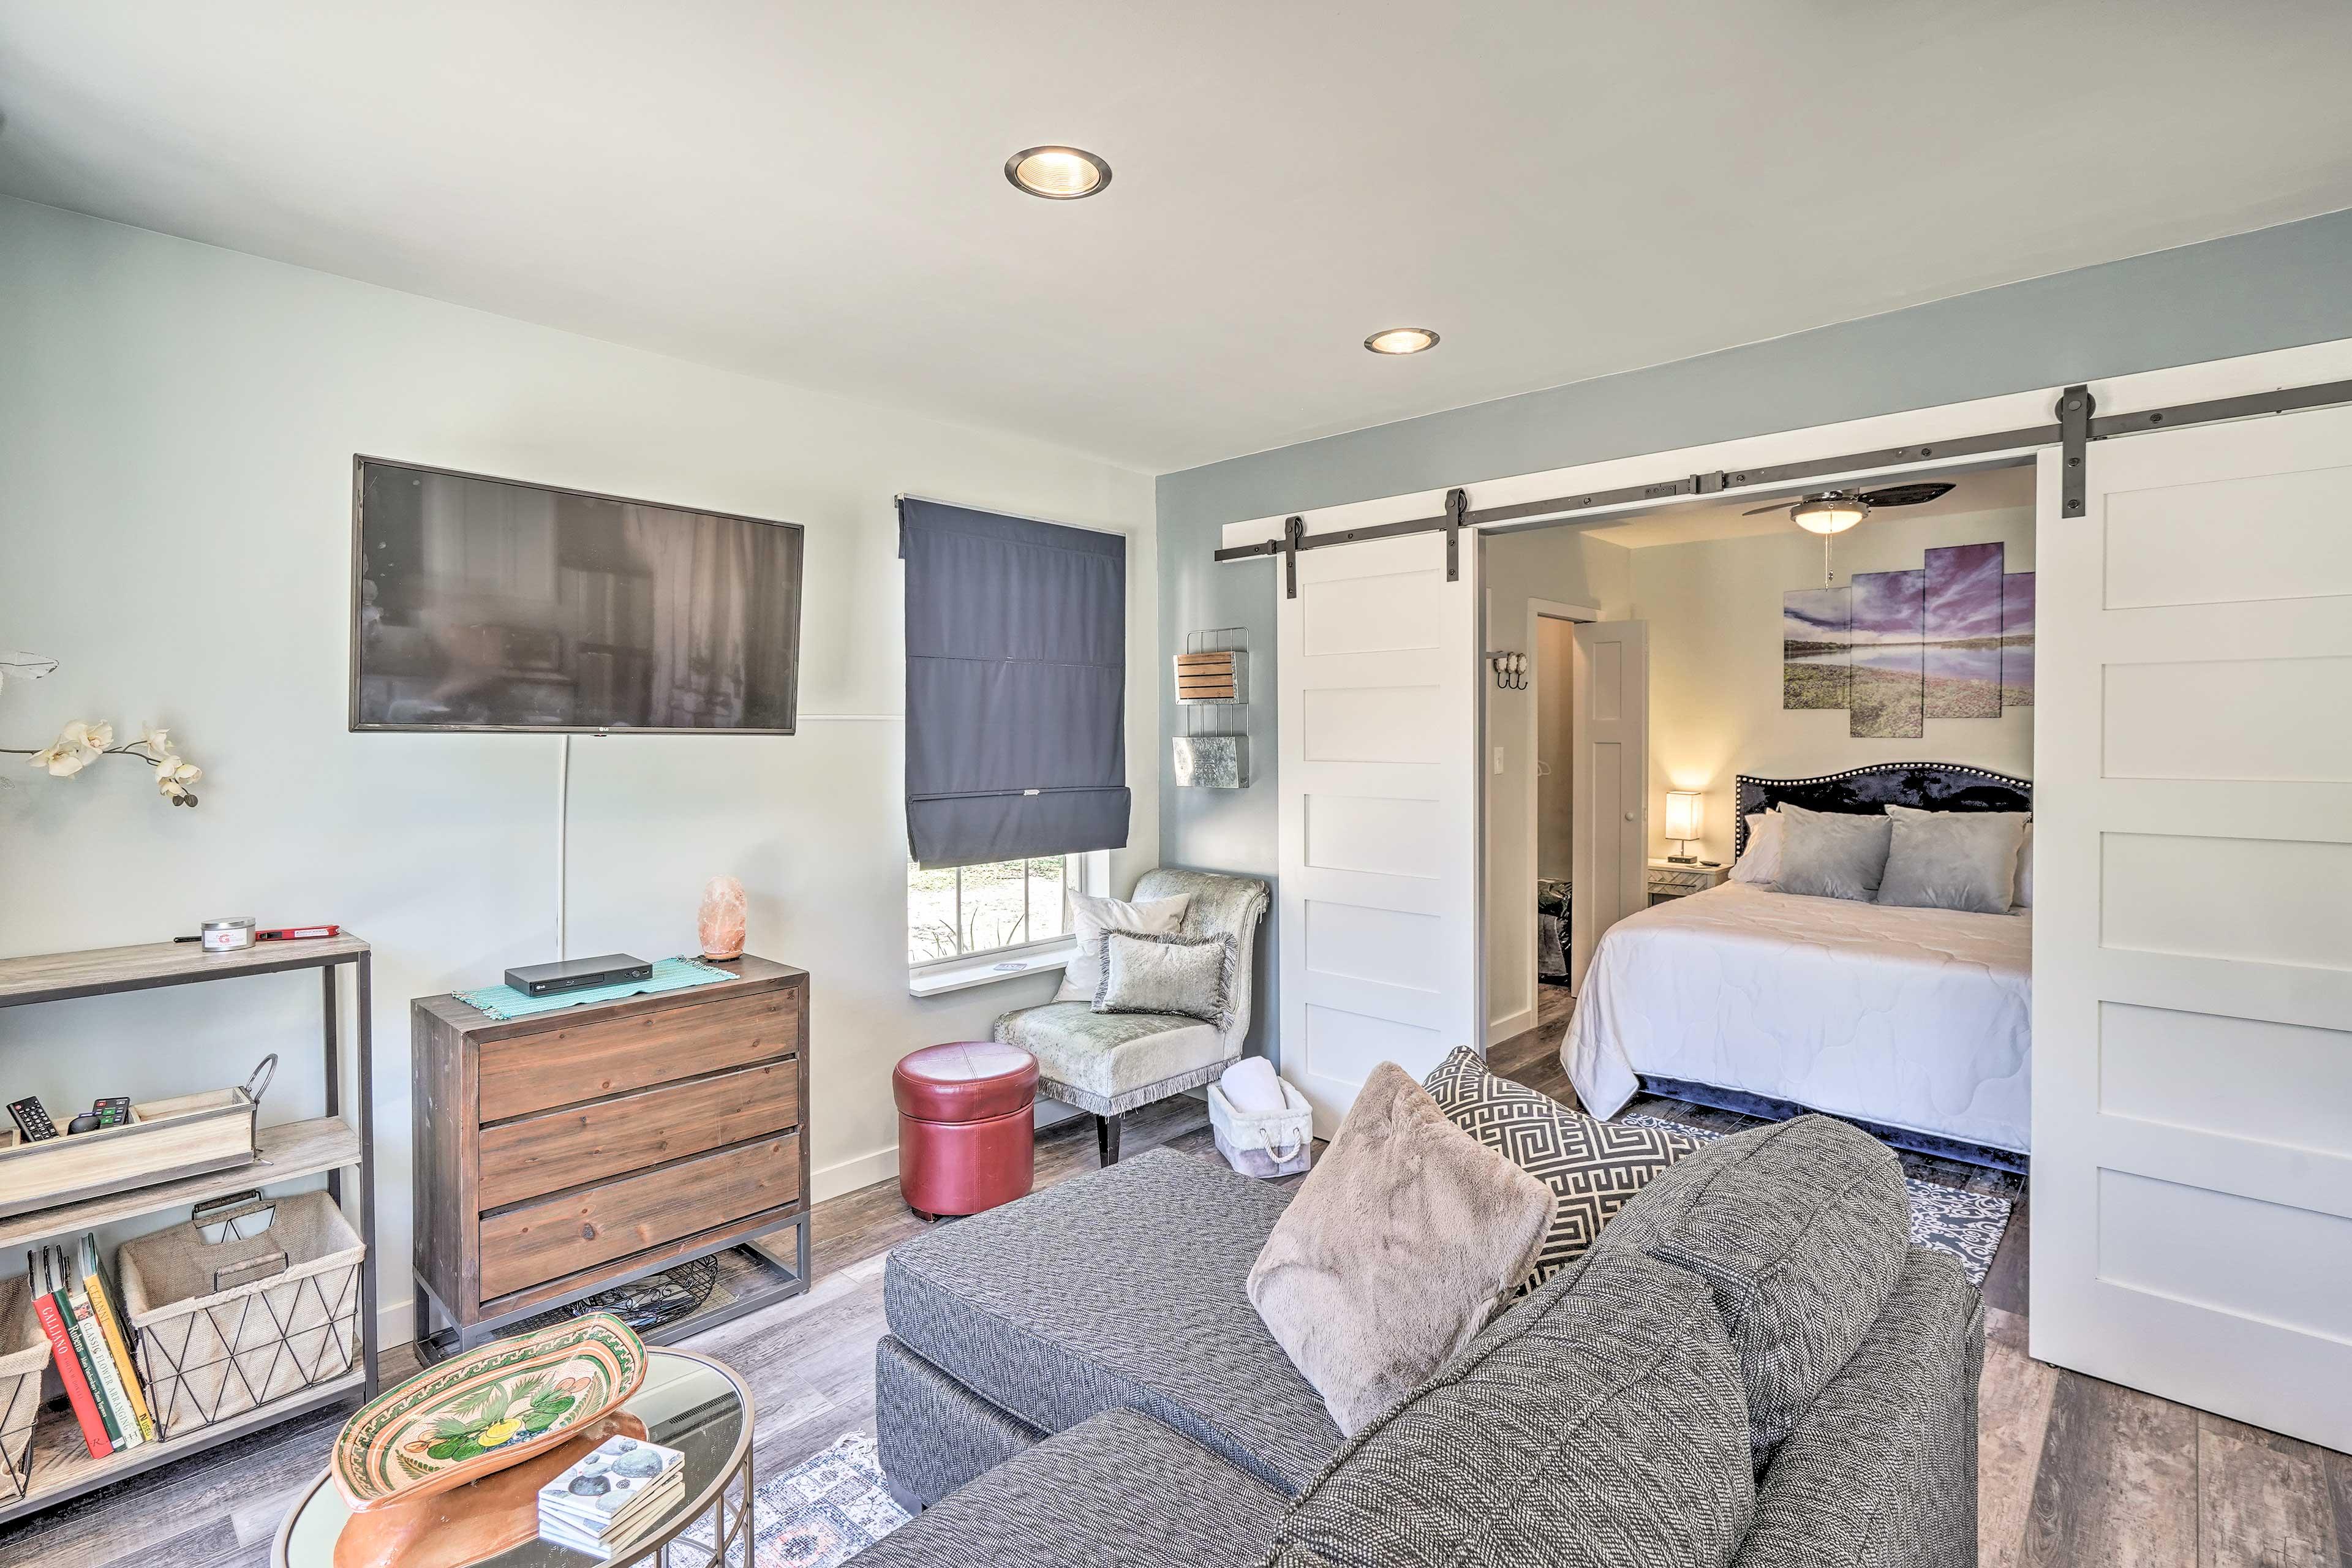 Living Room   Wall-Unit A/C   TV